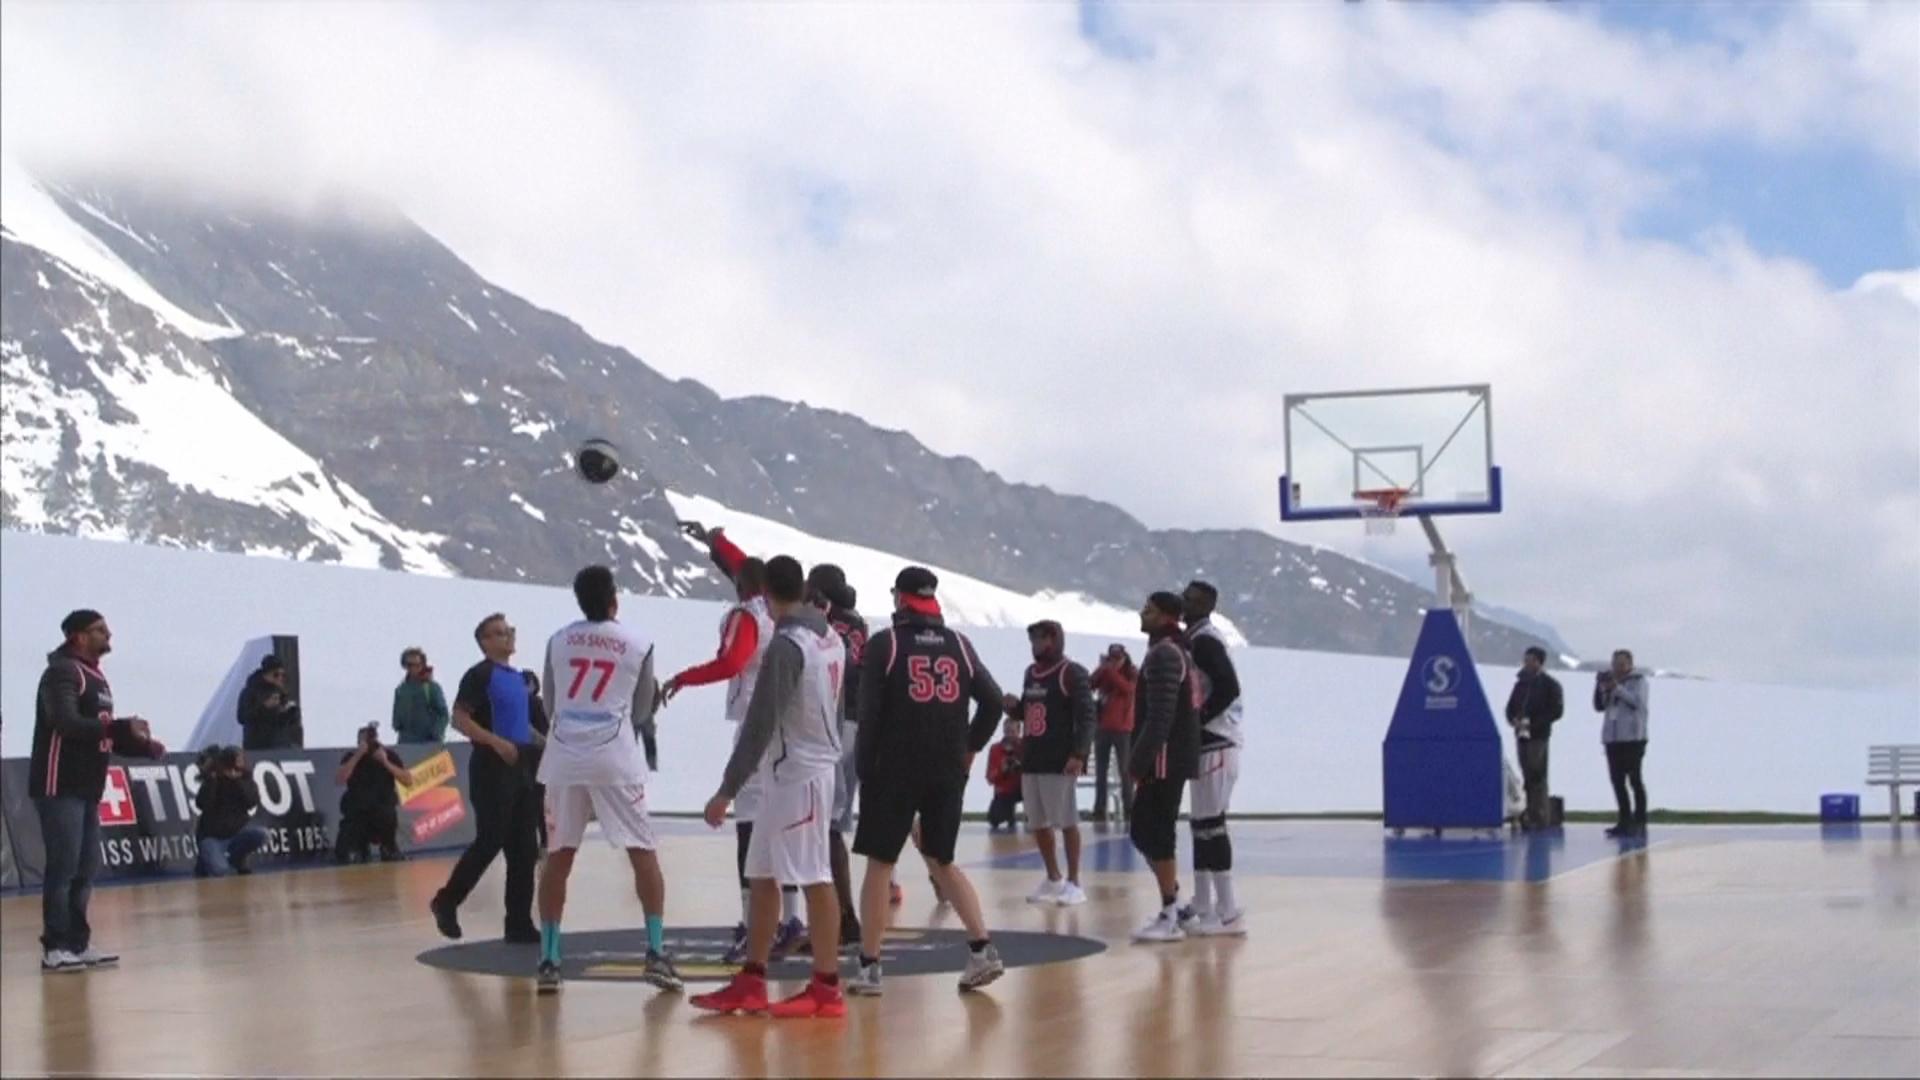 В баскетбол сыграли на высочайшем леднике Альп